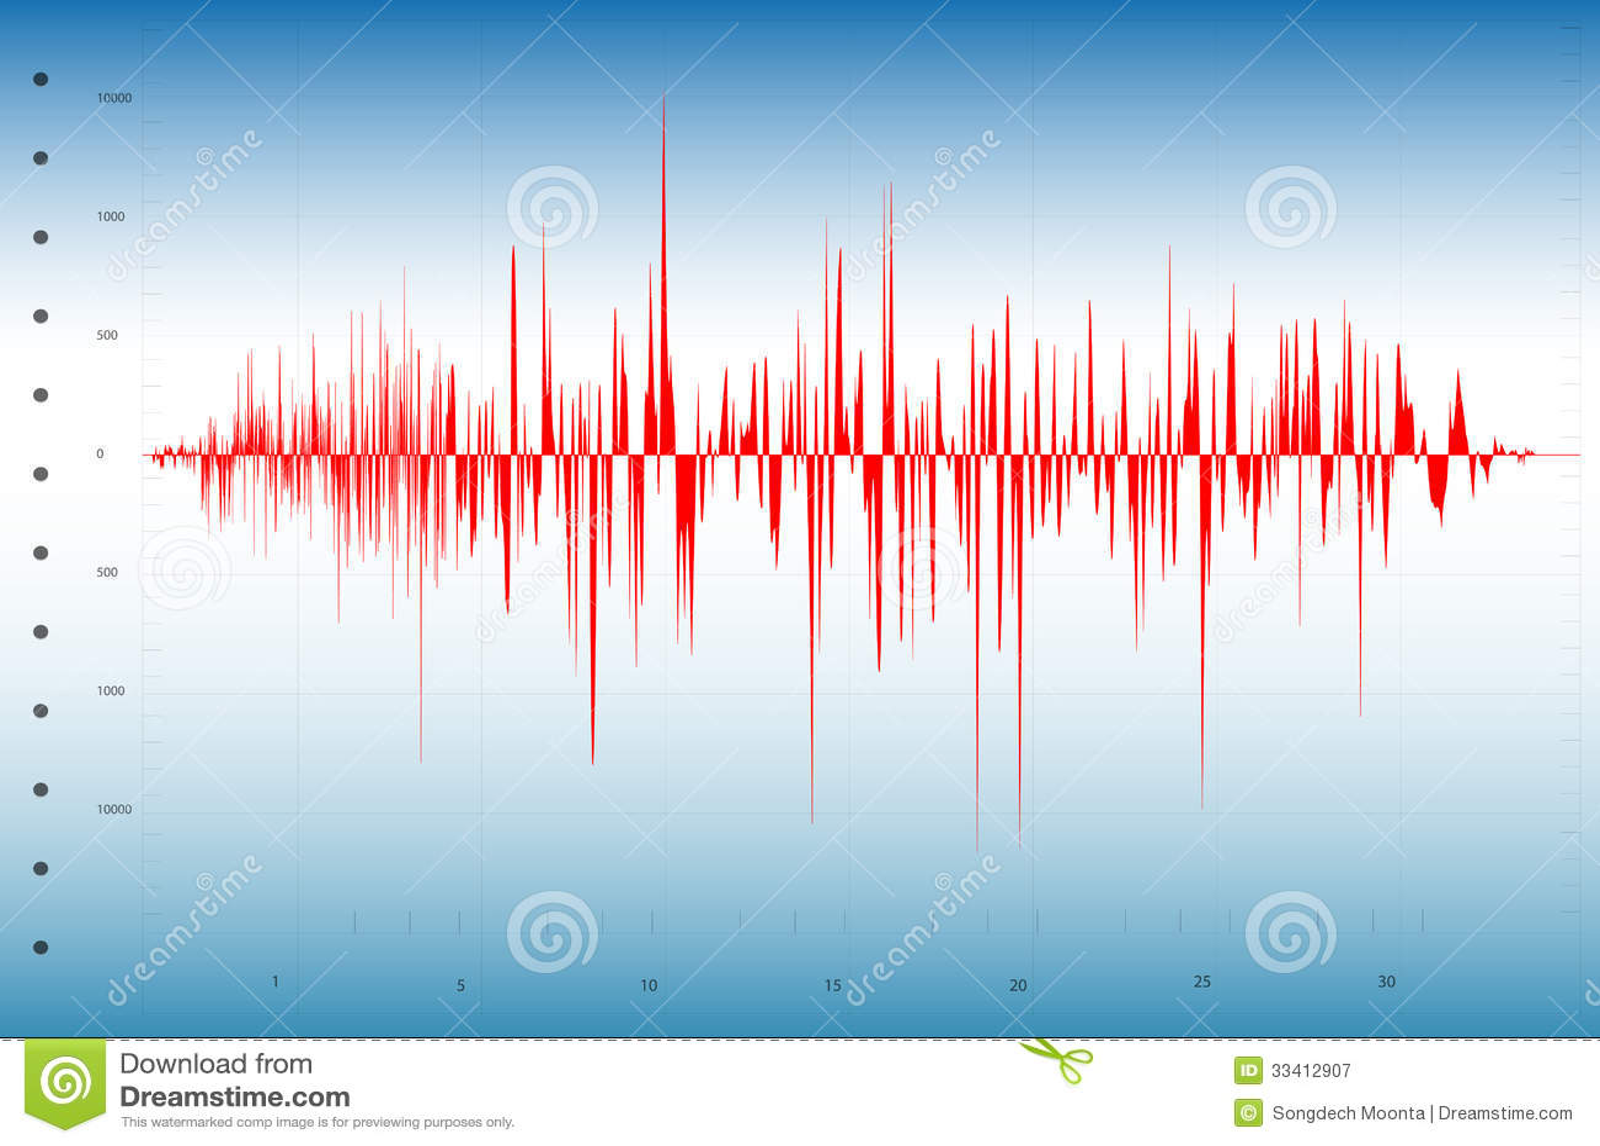 Aardbevingsgrafiek